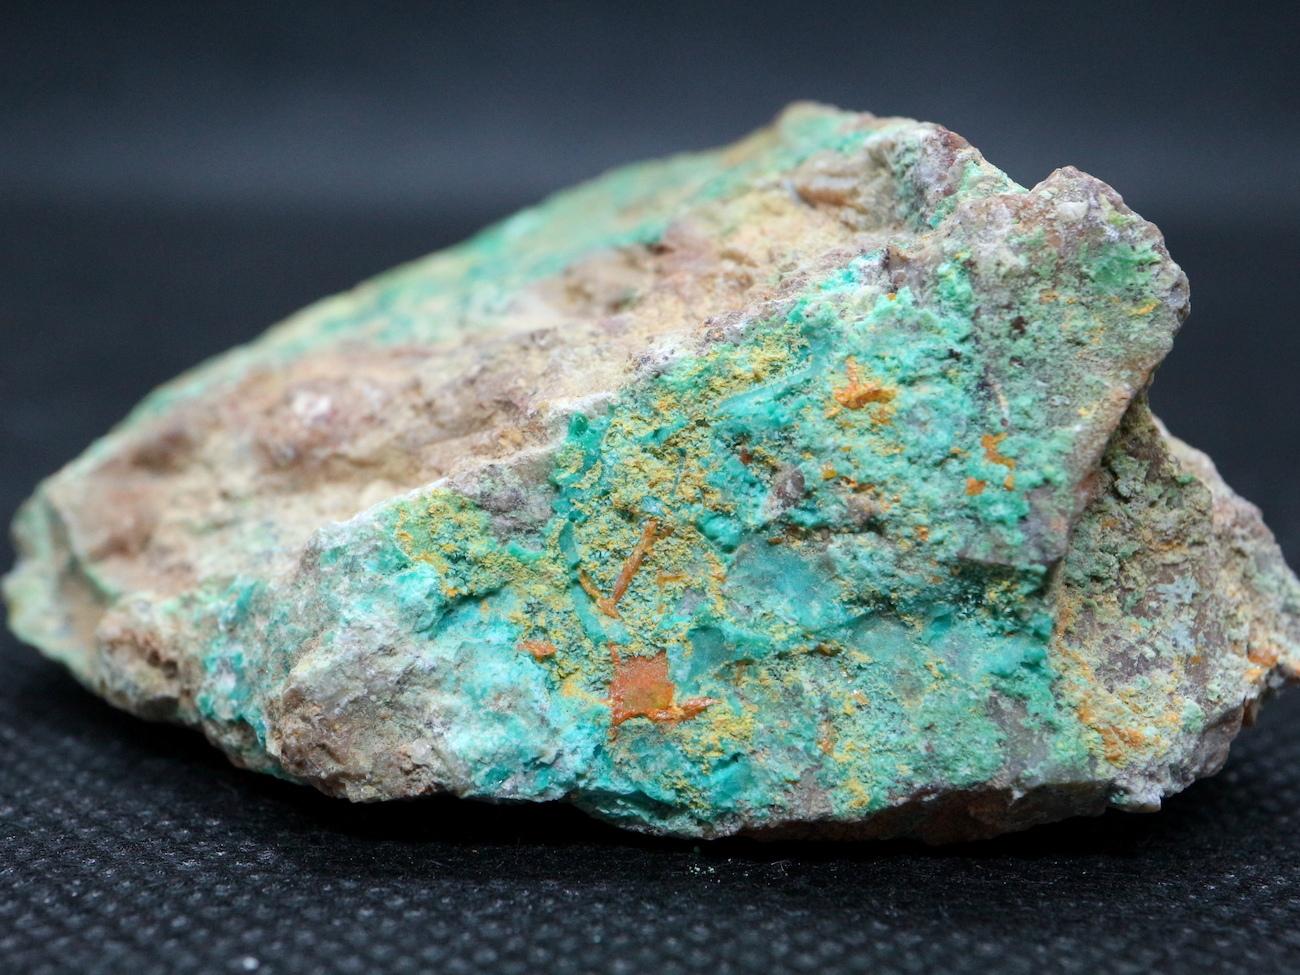 アリゾナ産 モリブデン鉛鉱 + クリソコラ  8,6g WF002 天然石 鉱物 標本 原石 パワーストーン